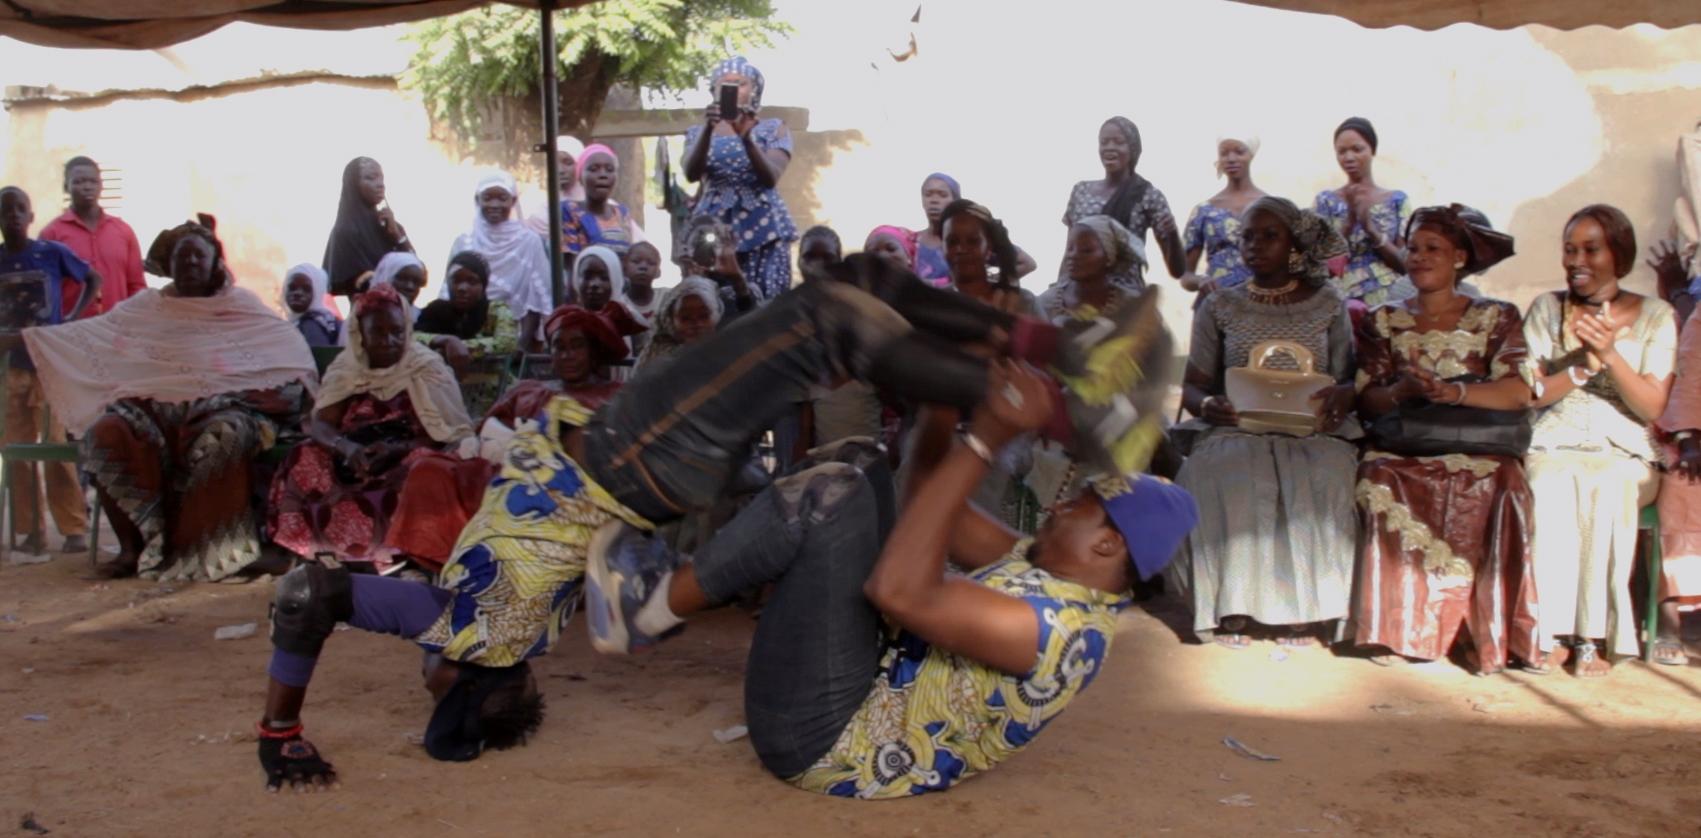 danseurs mariage segou pablocaminante - Malí 3, Ségou